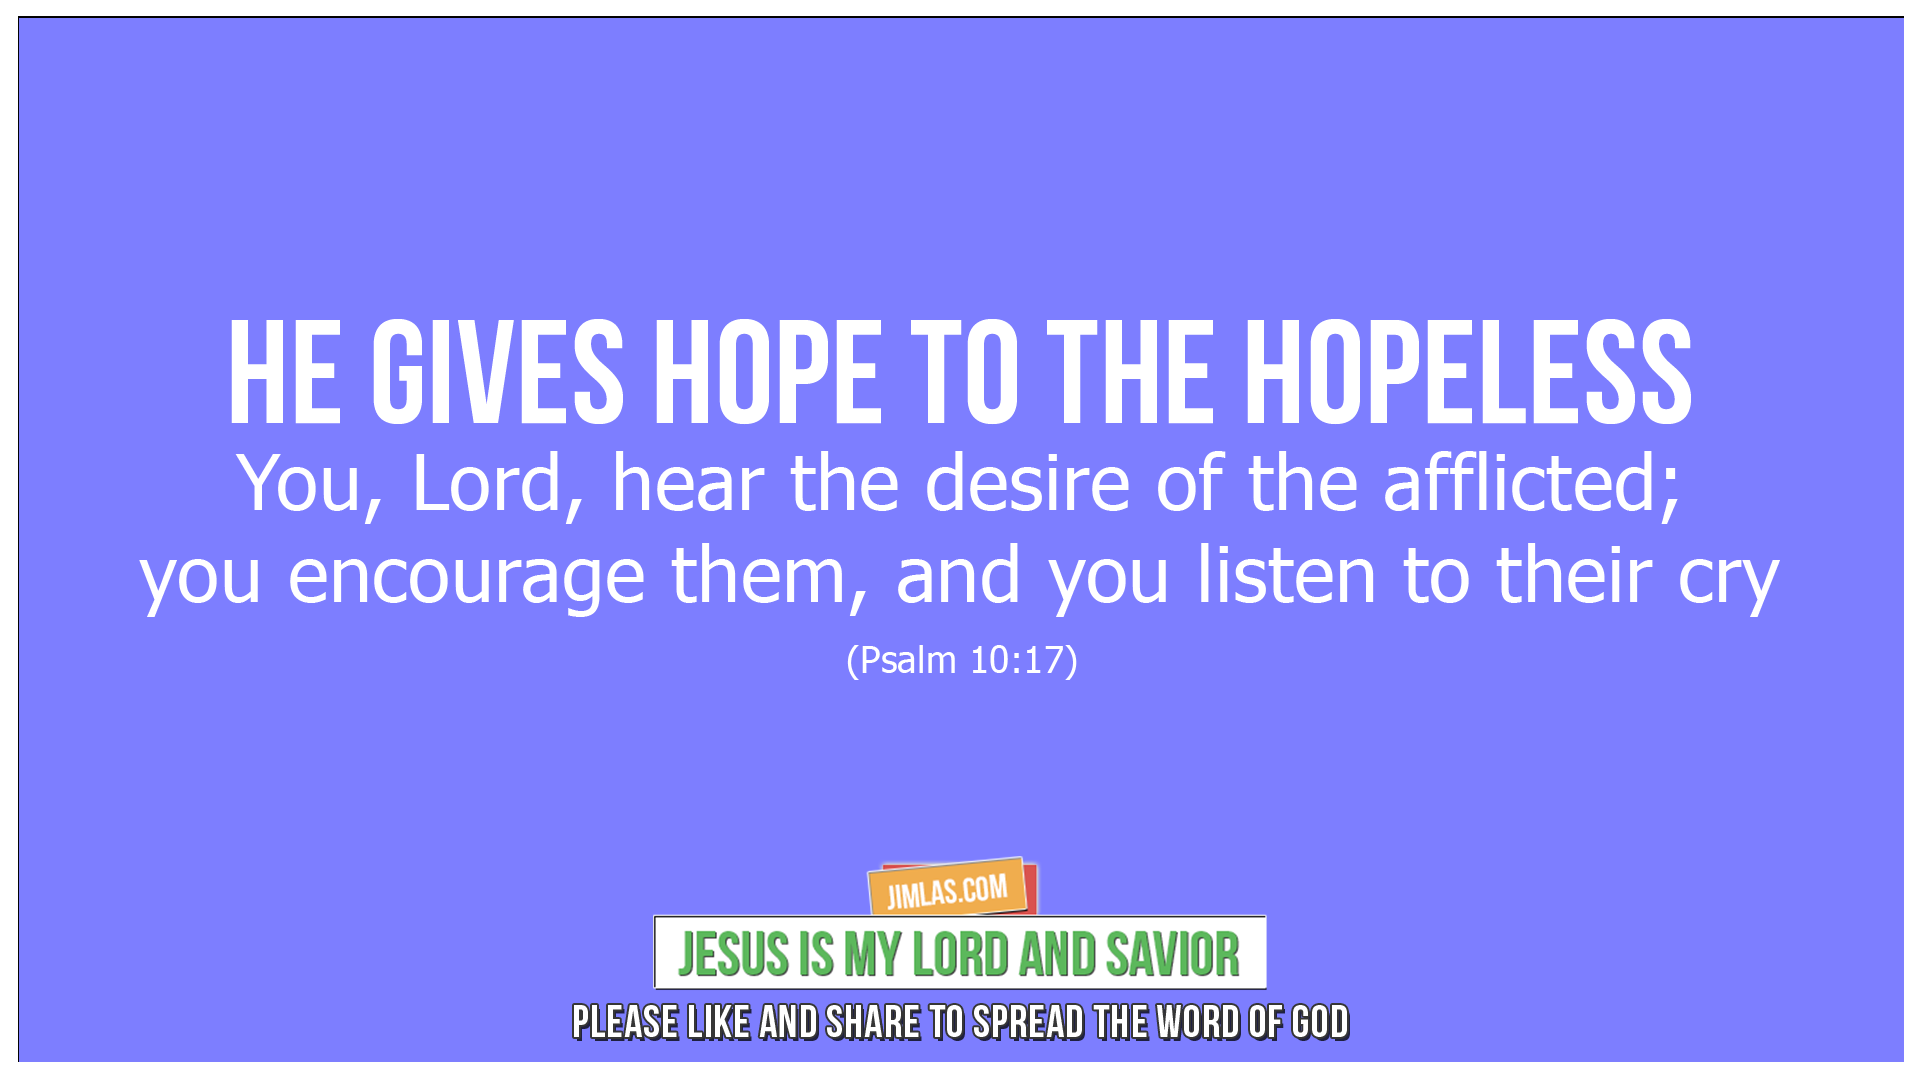 psalm 10 17, Psalm 10:17